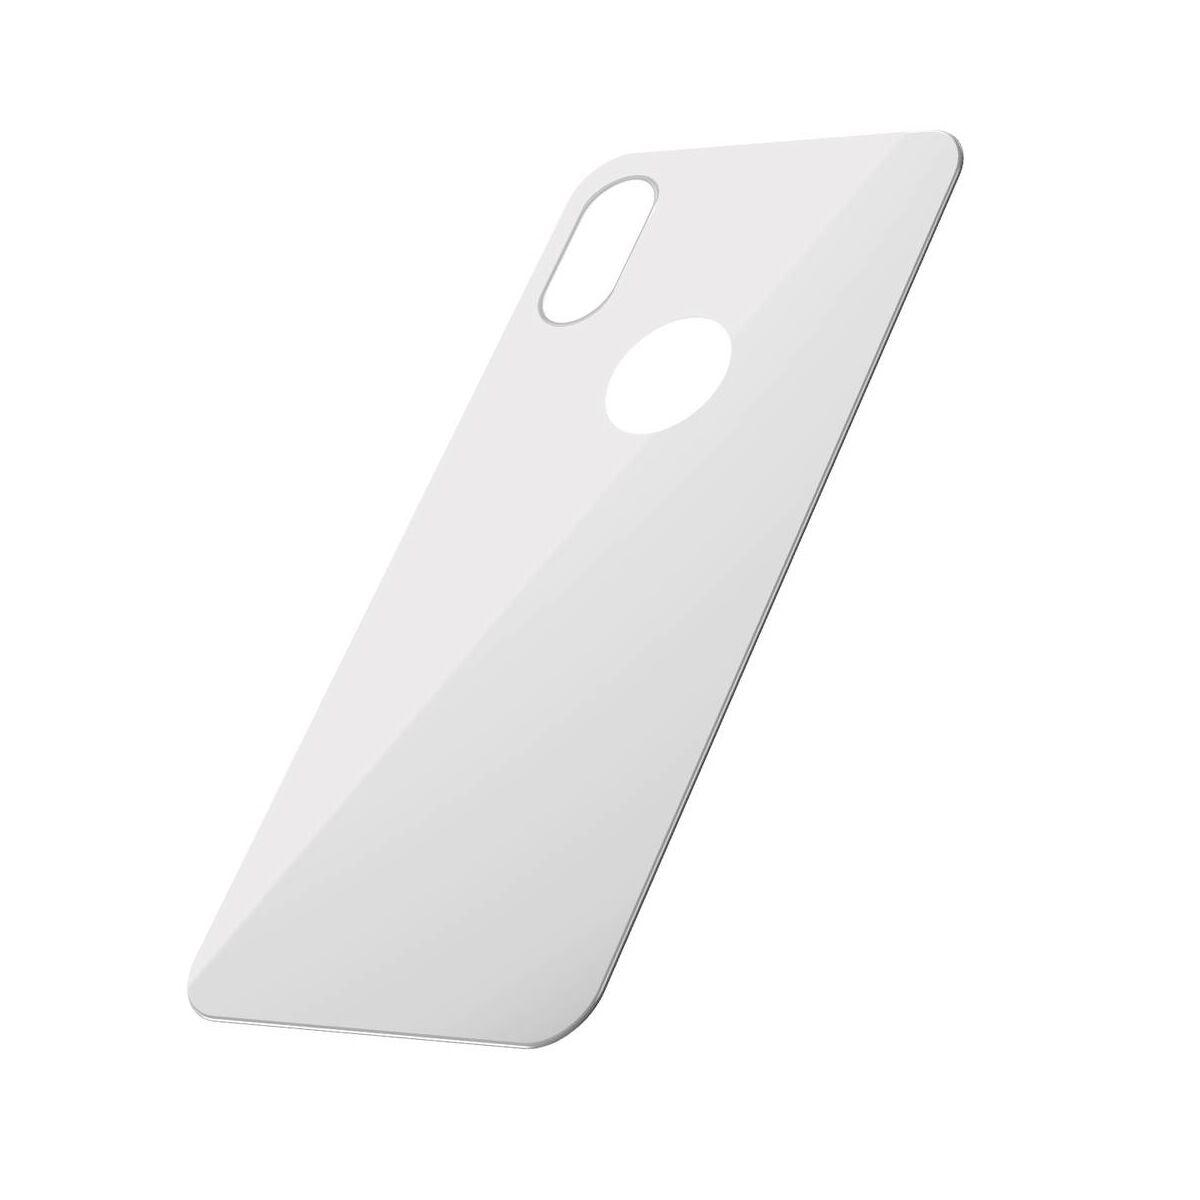 """Baseus iPhone XS Max (6.5"""") 0.3 mm, teljes lefedésre, edzett üveg hátlap védő fólia, fehér (SGAPIPH65-BM02)"""